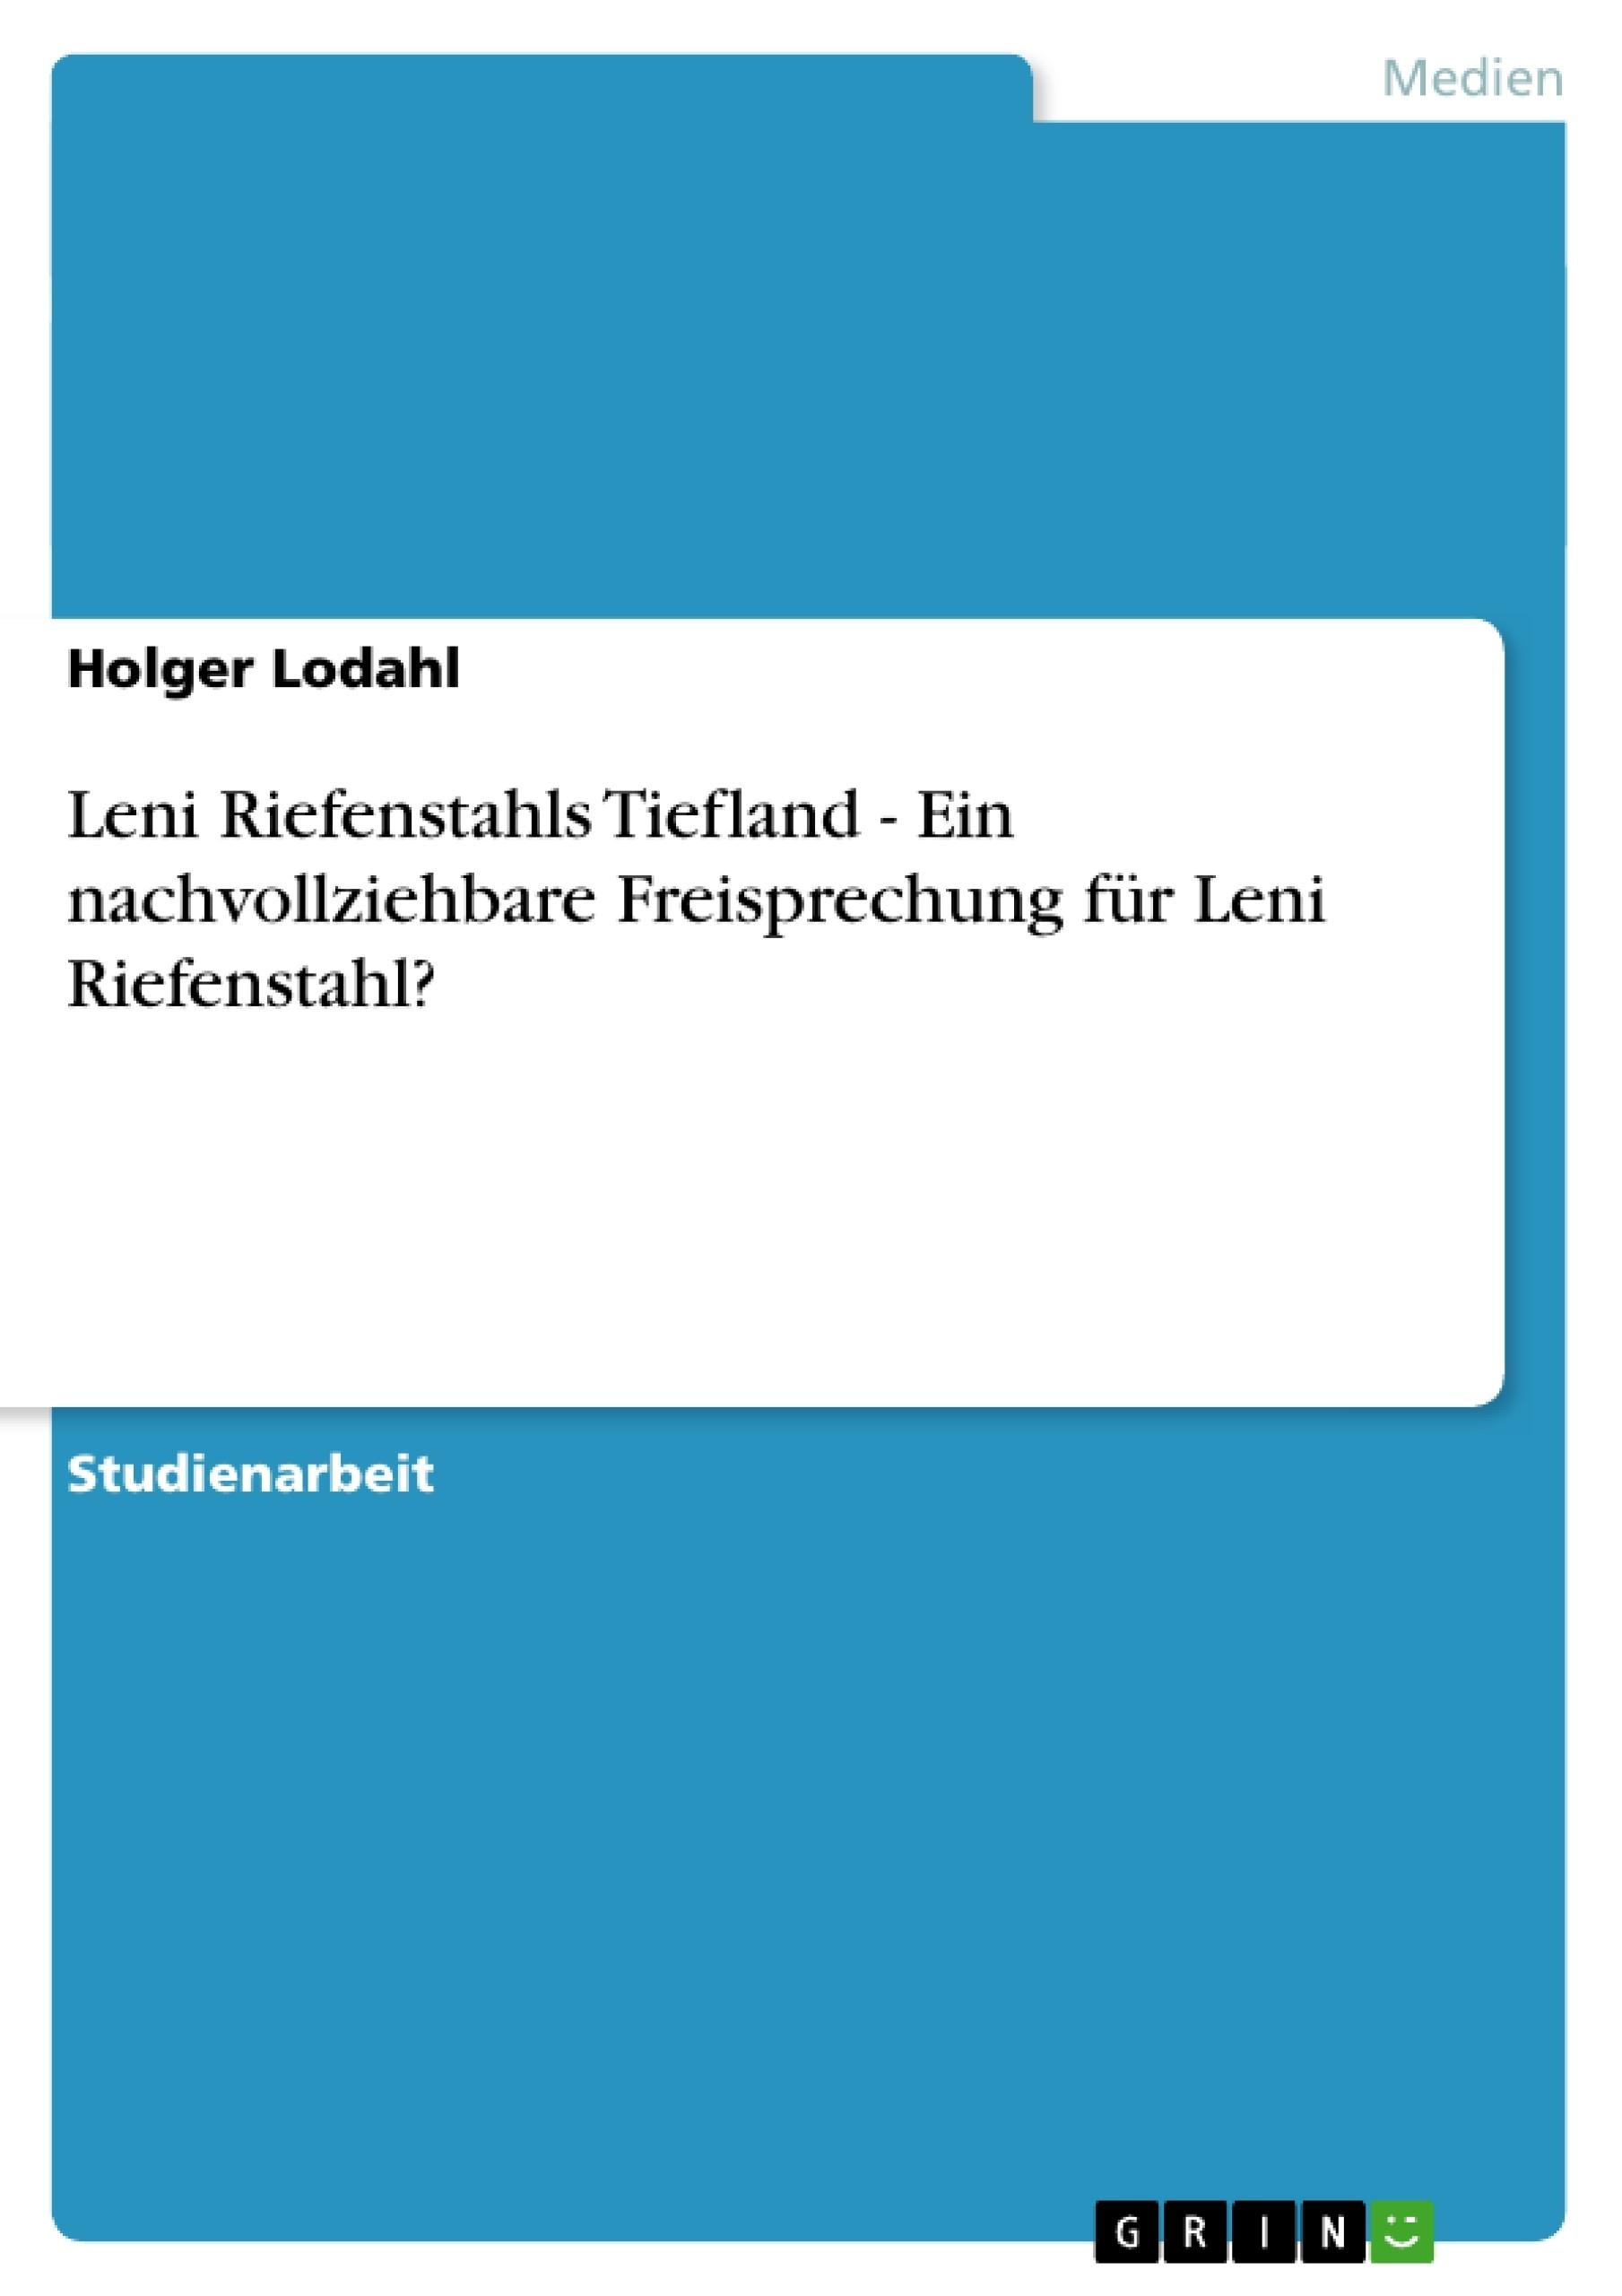 Titel: Leni Riefenstahls Tiefland - Ein nachvollziehbare Freisprechung für Leni Riefenstahl?